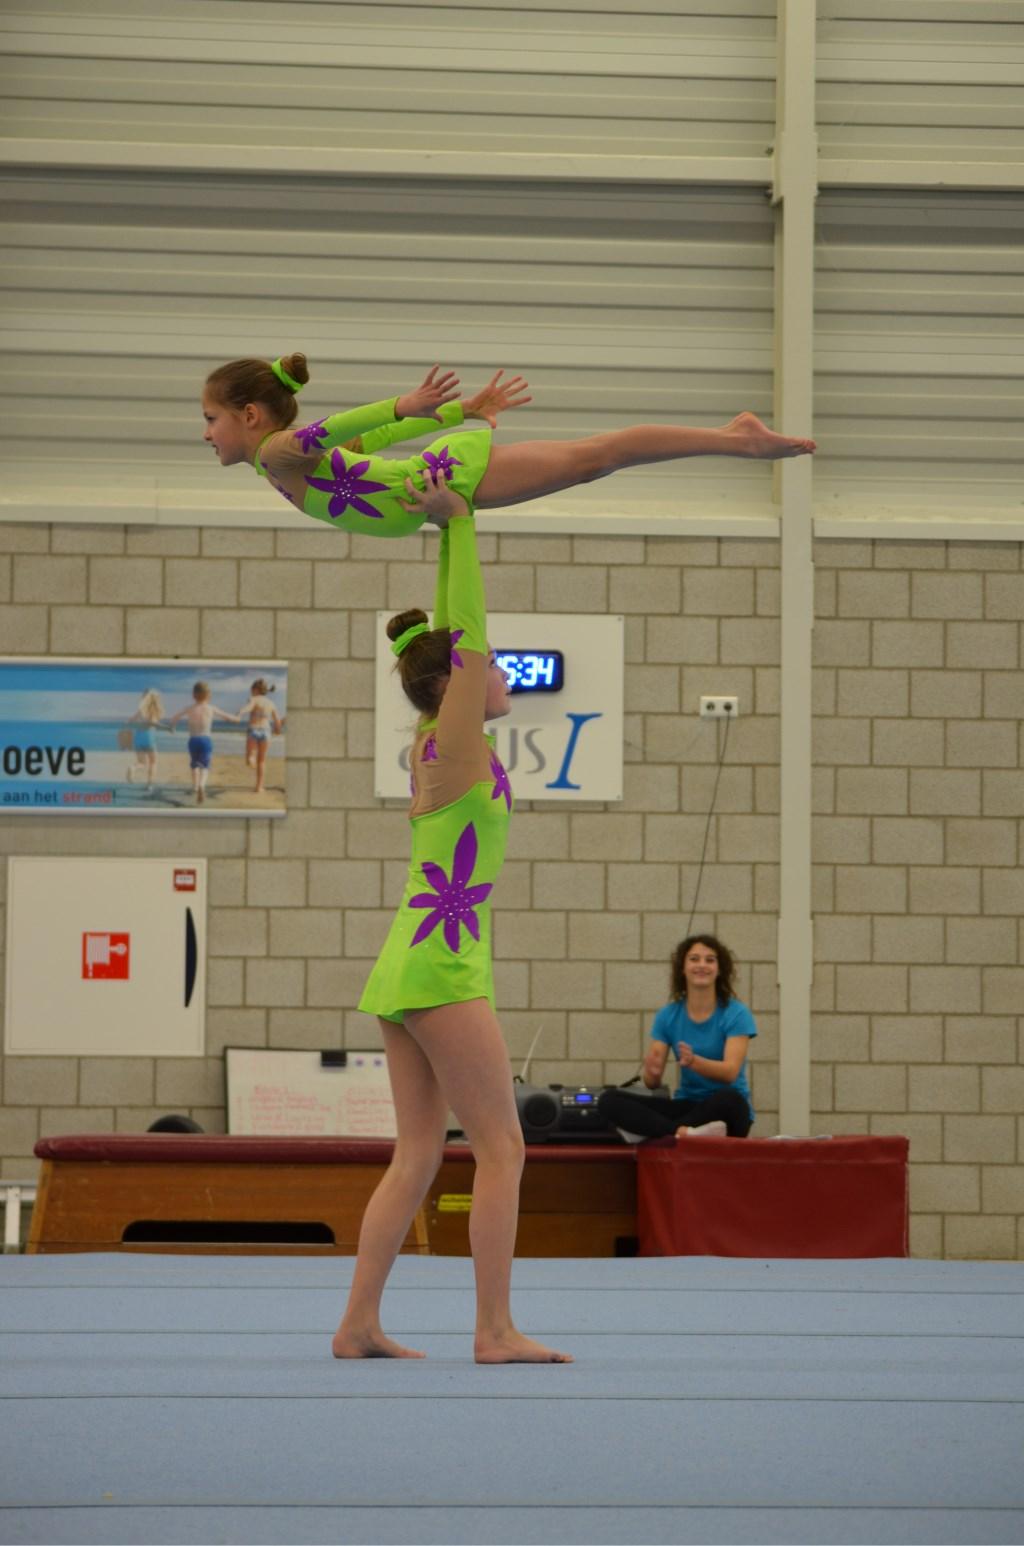 Gymnastiekvereniging Delta Sport organiseert op zaterdag 20 januari voor de tweede keer de Open Zeeuwse acro kampioenschappen.